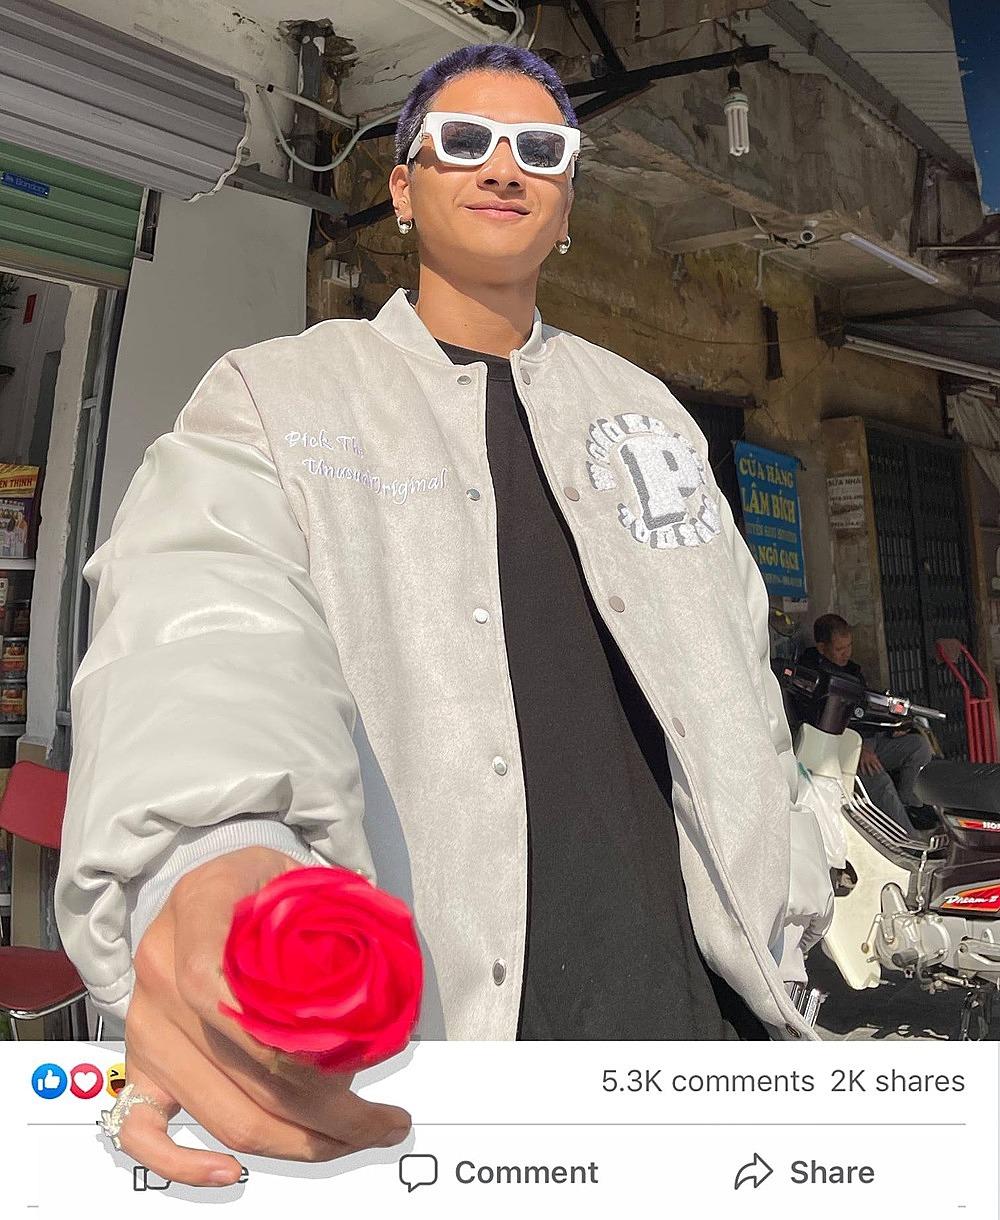 Typh đăng ảnh giơ bông hoa đỏ, viết caption: Nè vào đúng ngày sinh nhật Min.